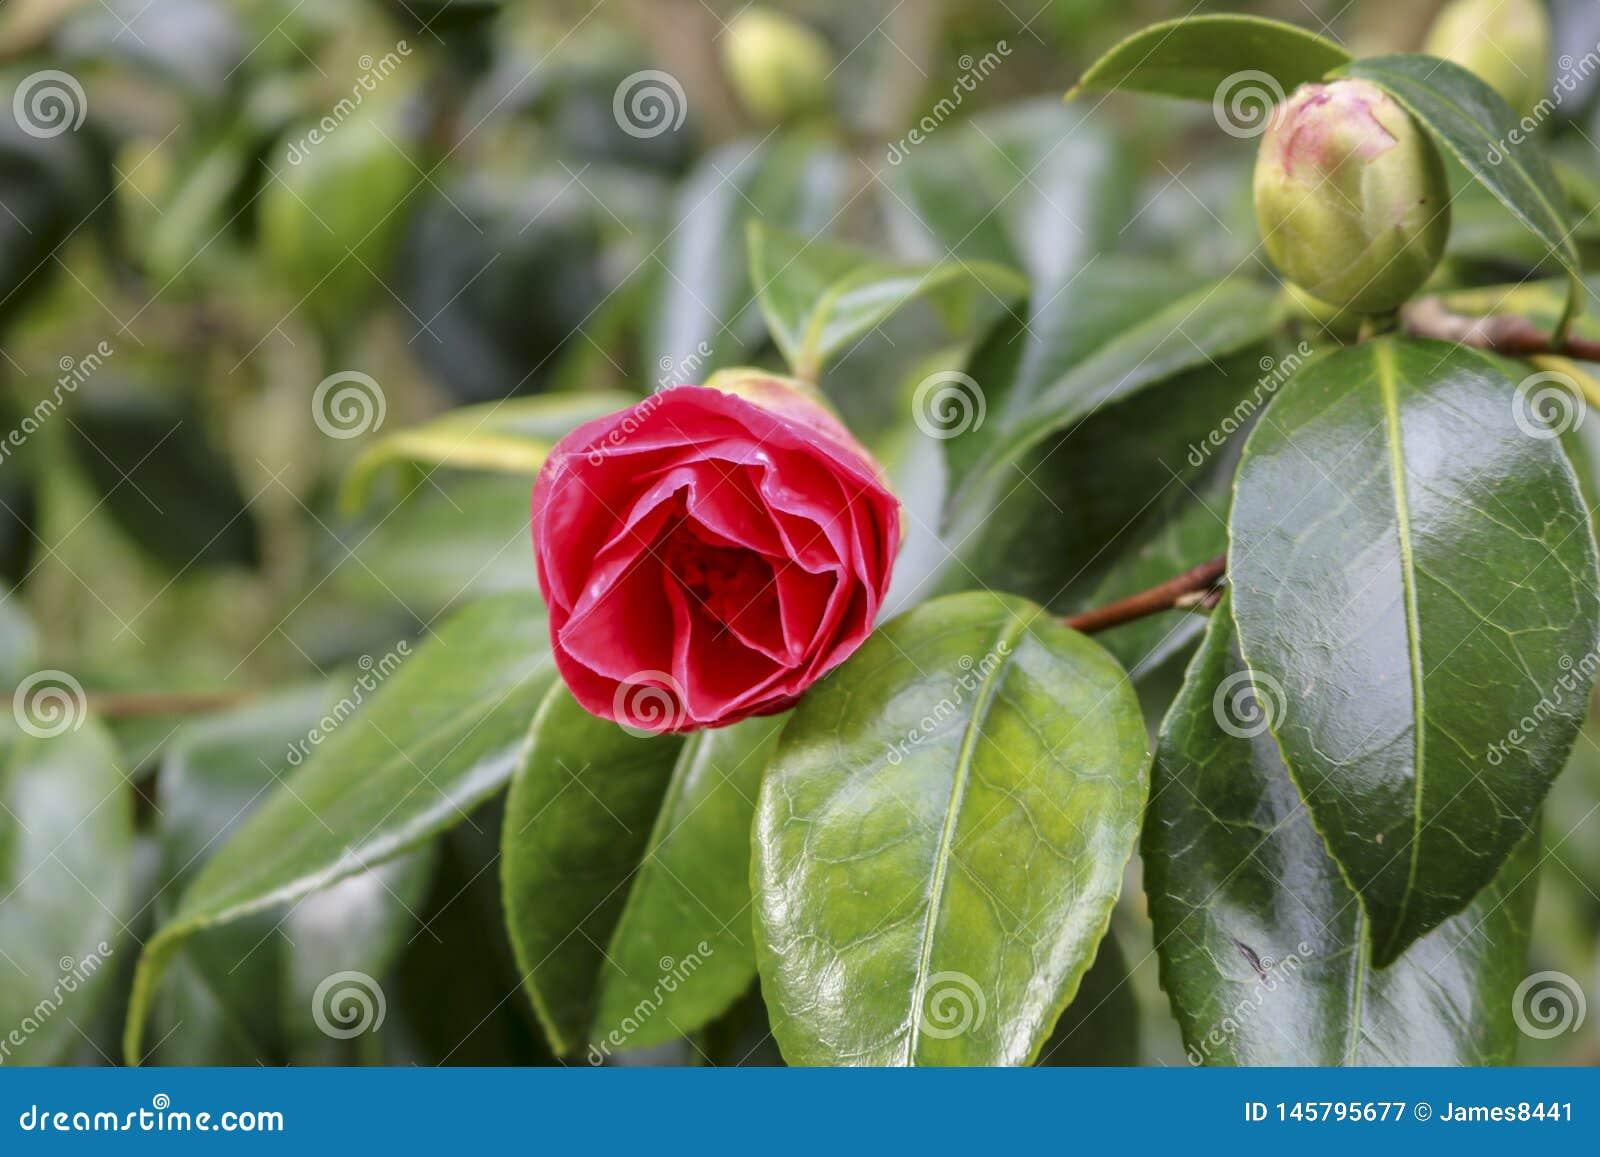 Rhododendron azalea flowers.